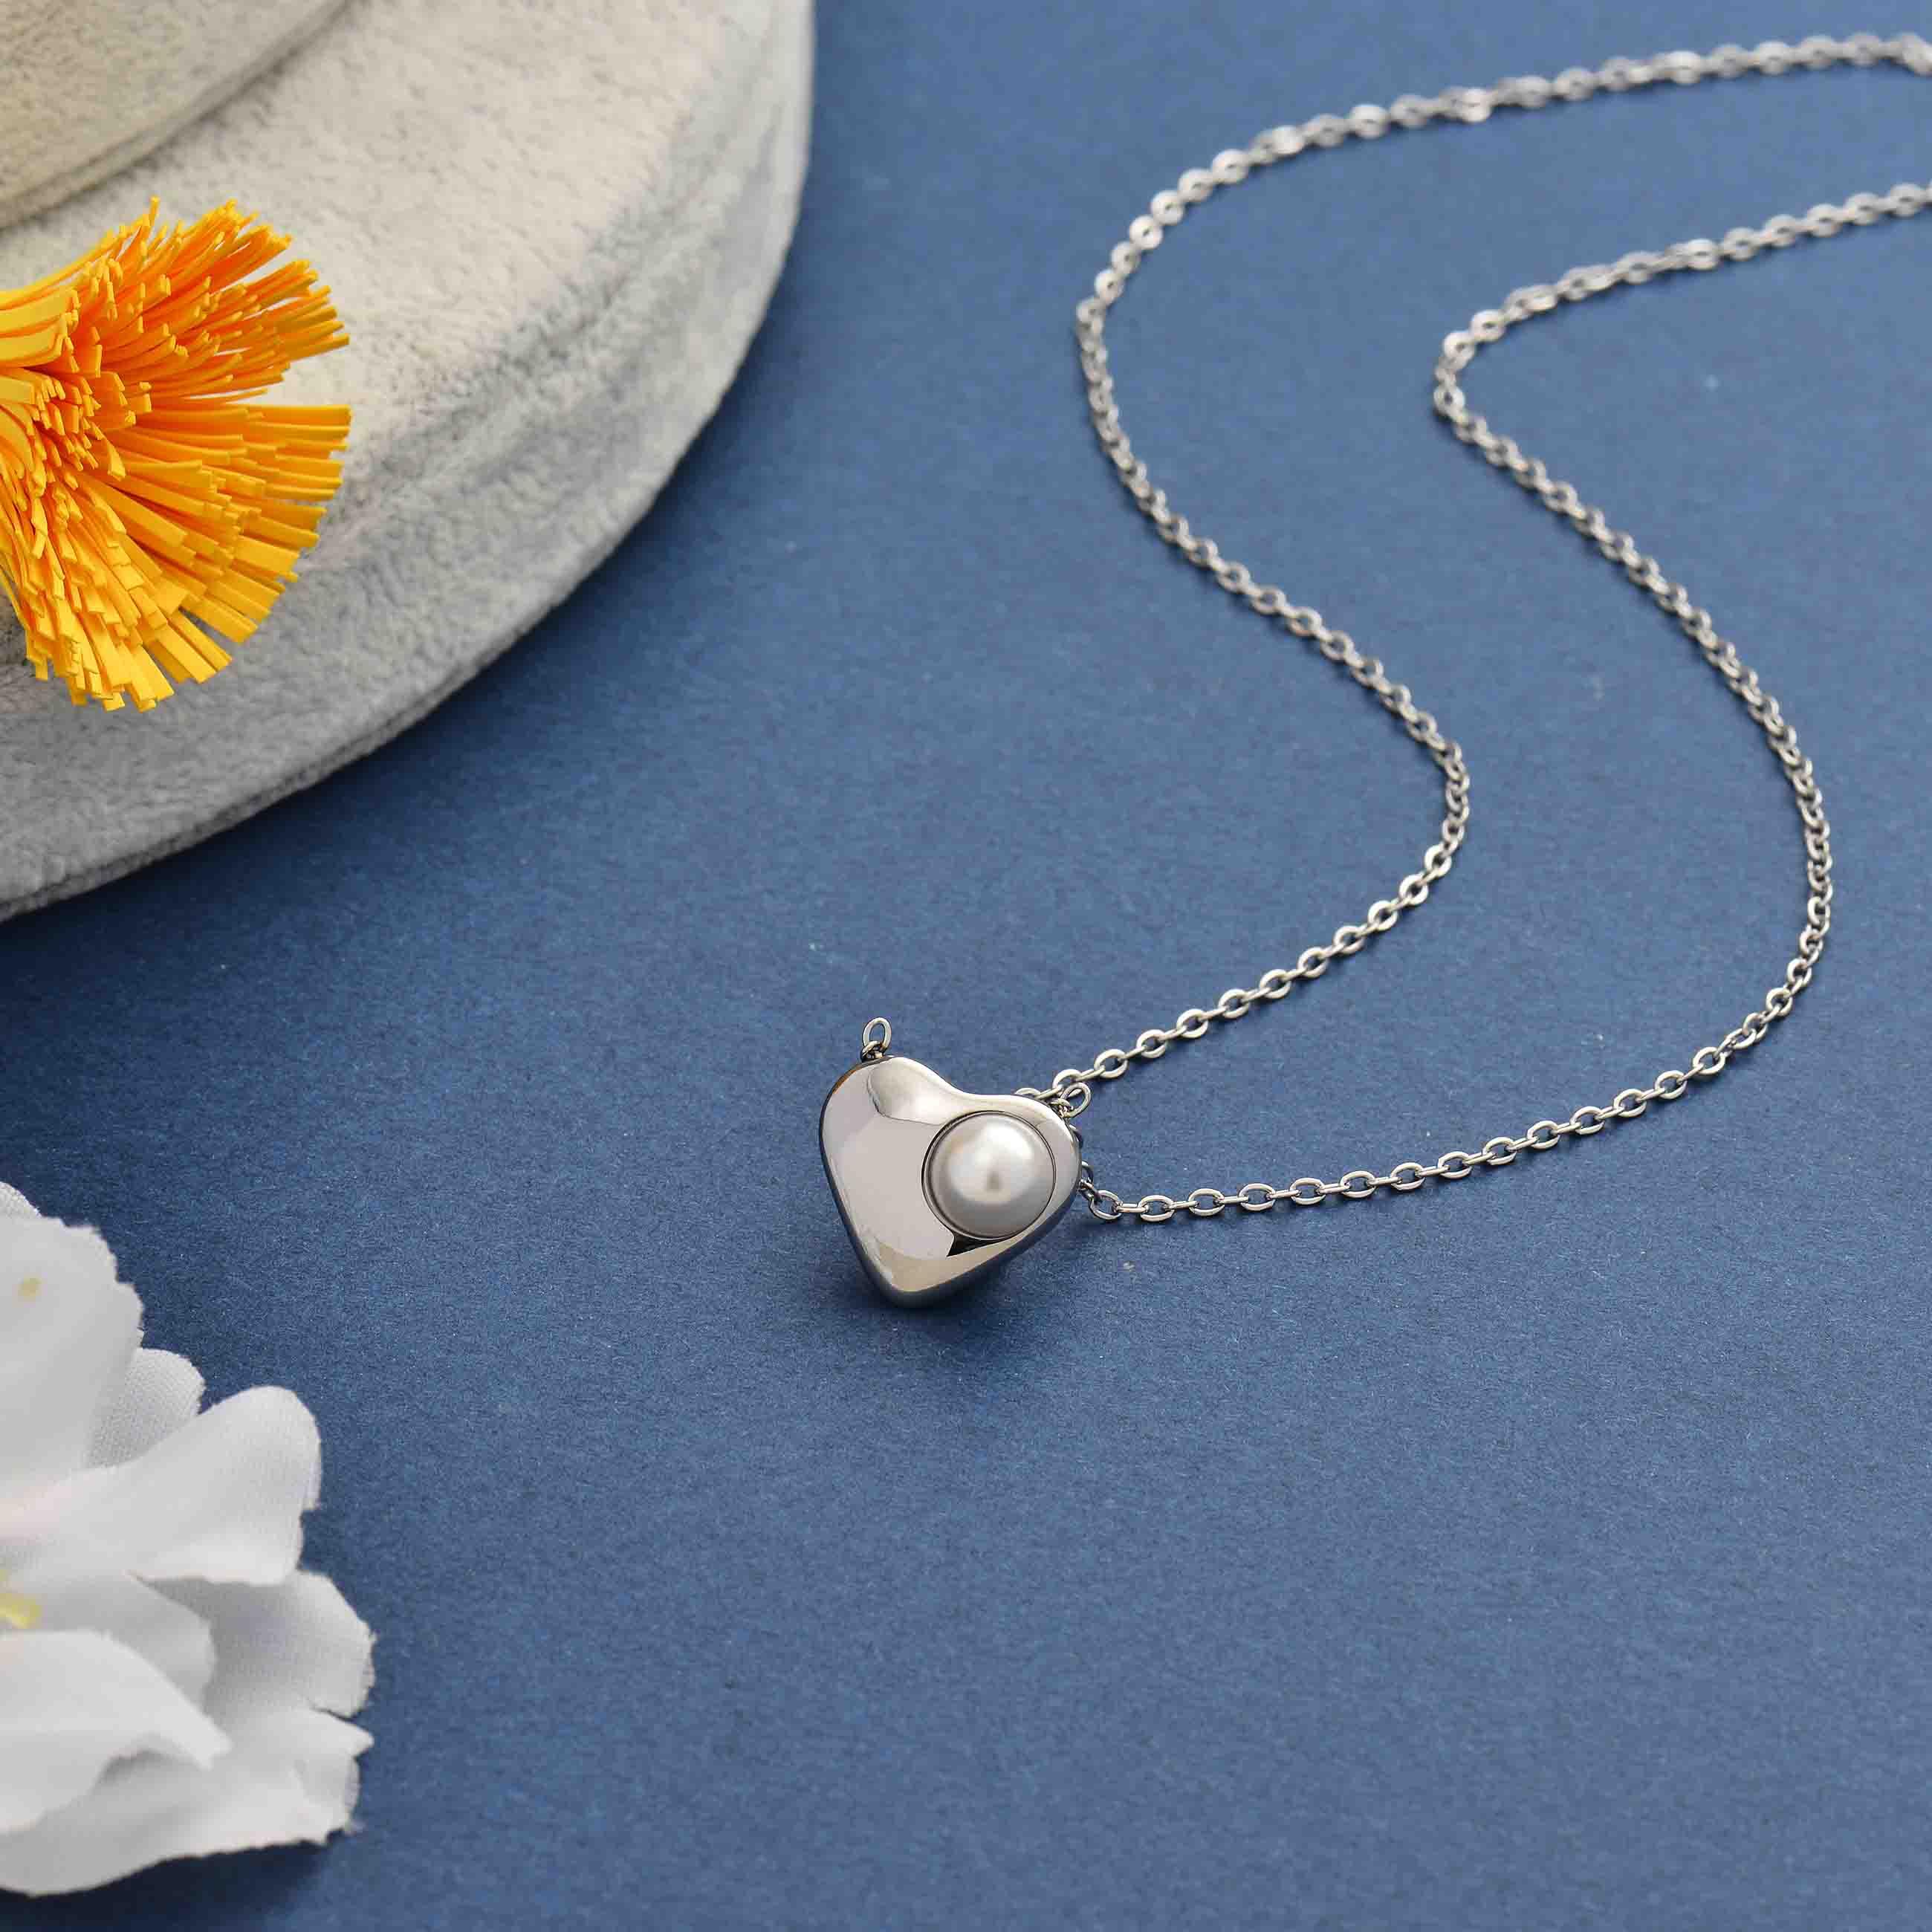 Collares de Acero Inoxidable para Mujer al por Mayor -SSNEG143-34364